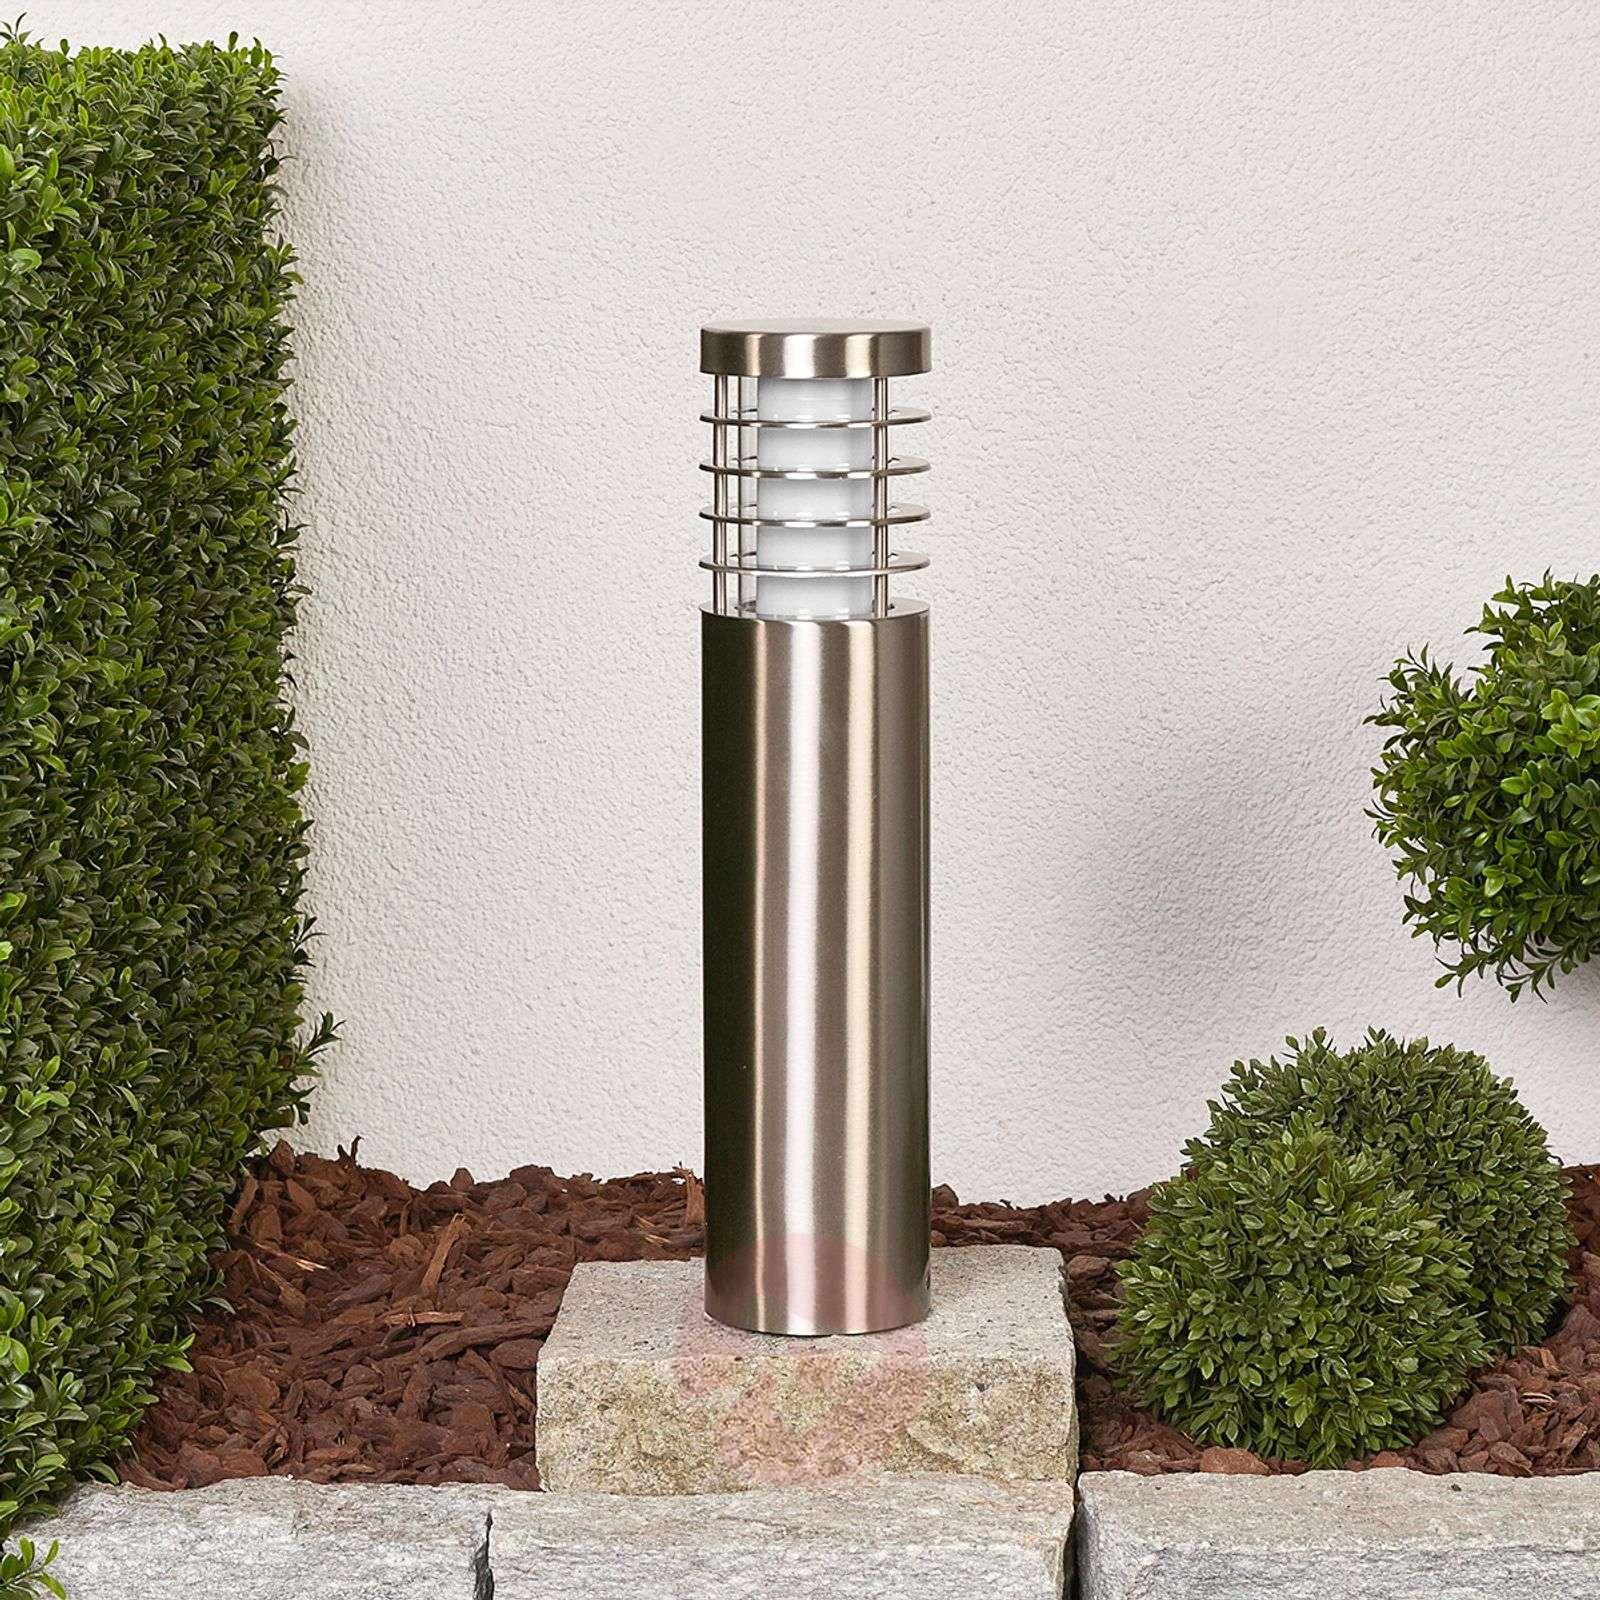 Round LED pillar light Dila, stainless steel-9945016-01